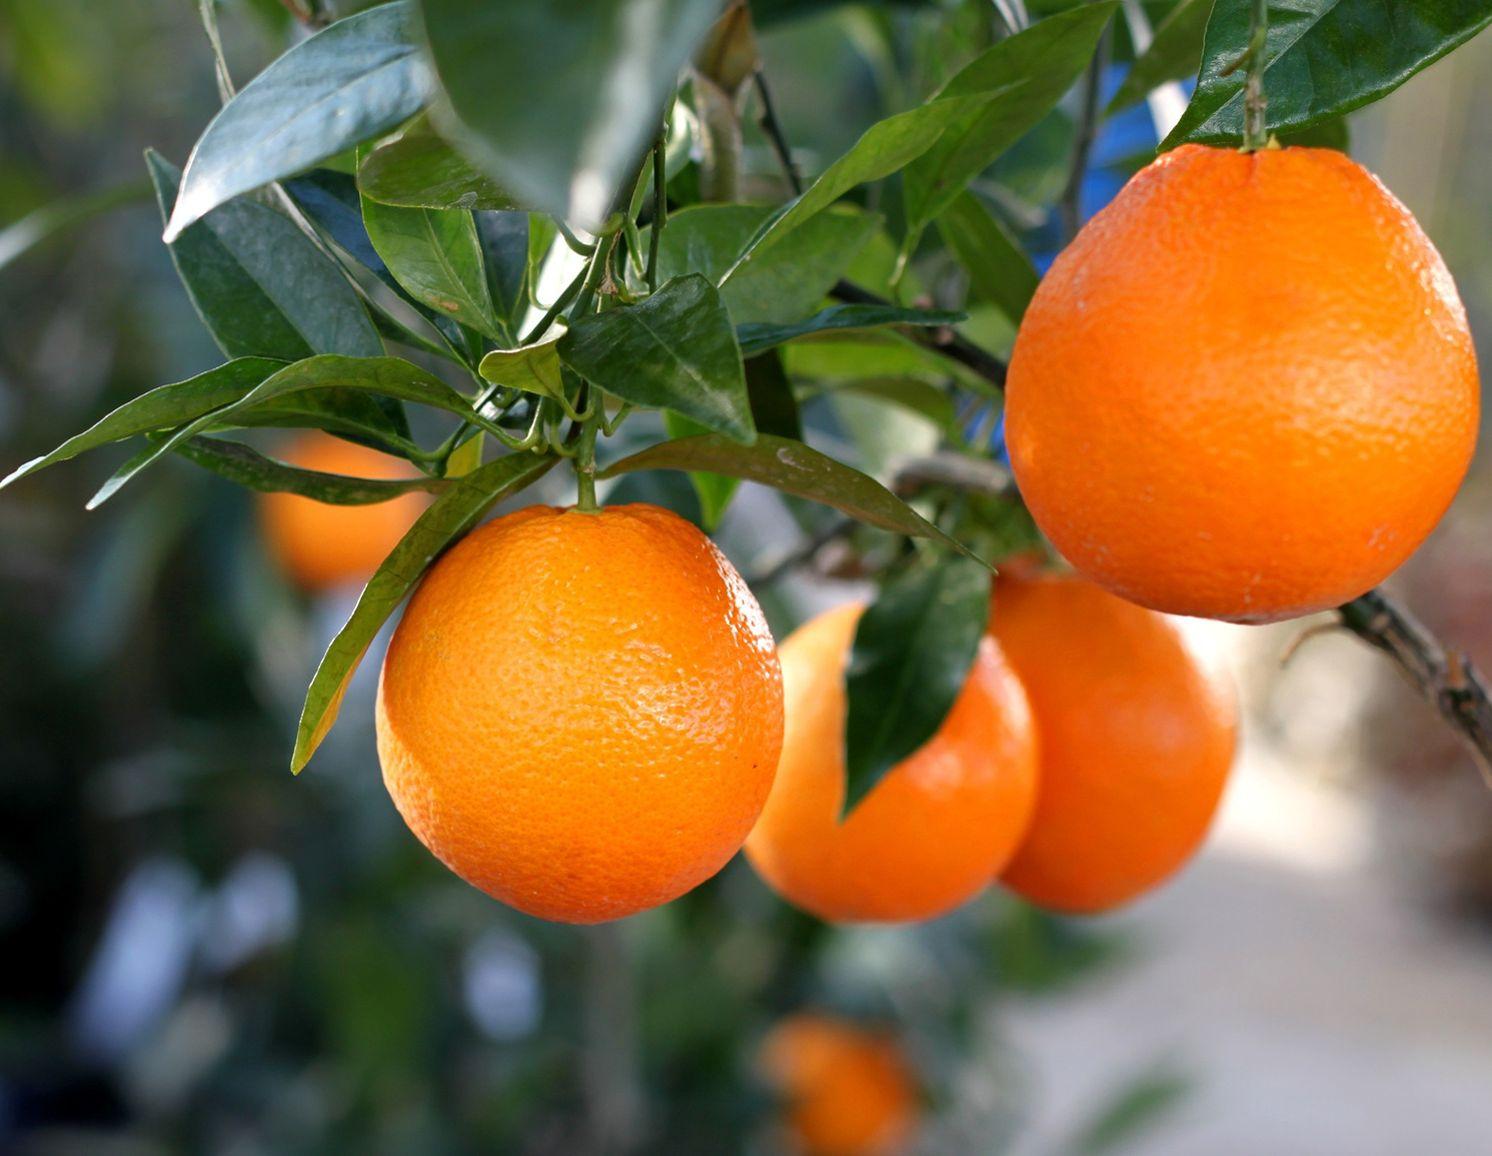 Comment bien faire hiverner vos agrumes - Faut il tailler un citronnier ...